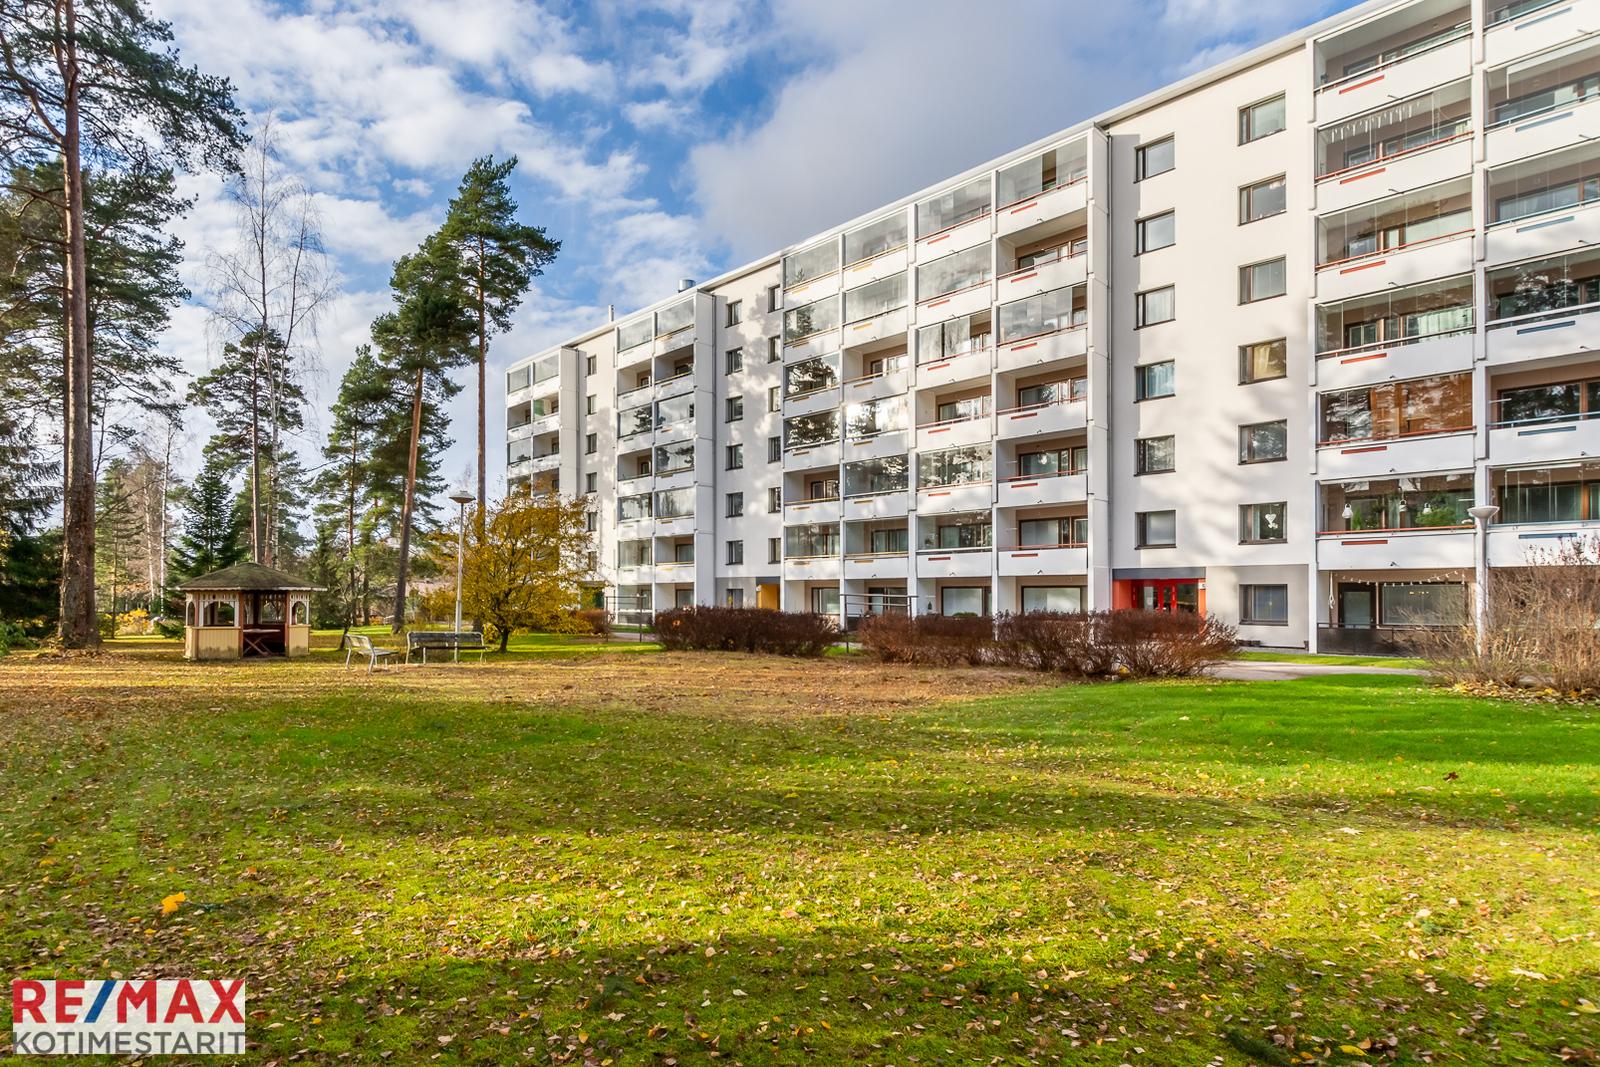 Kevätkumpu I, Porvoo